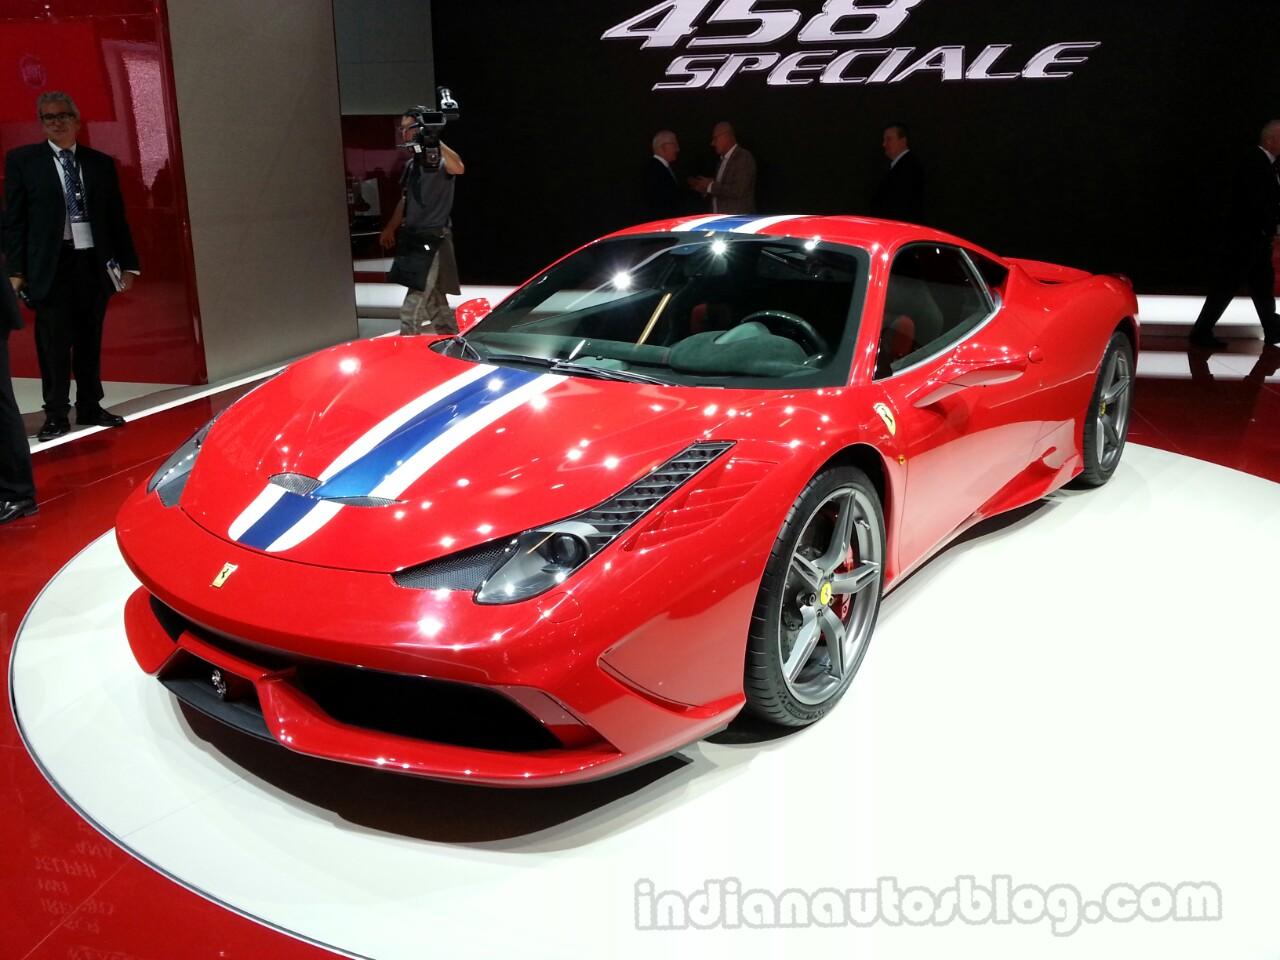 Ferrari 458 Speciale Front Profile